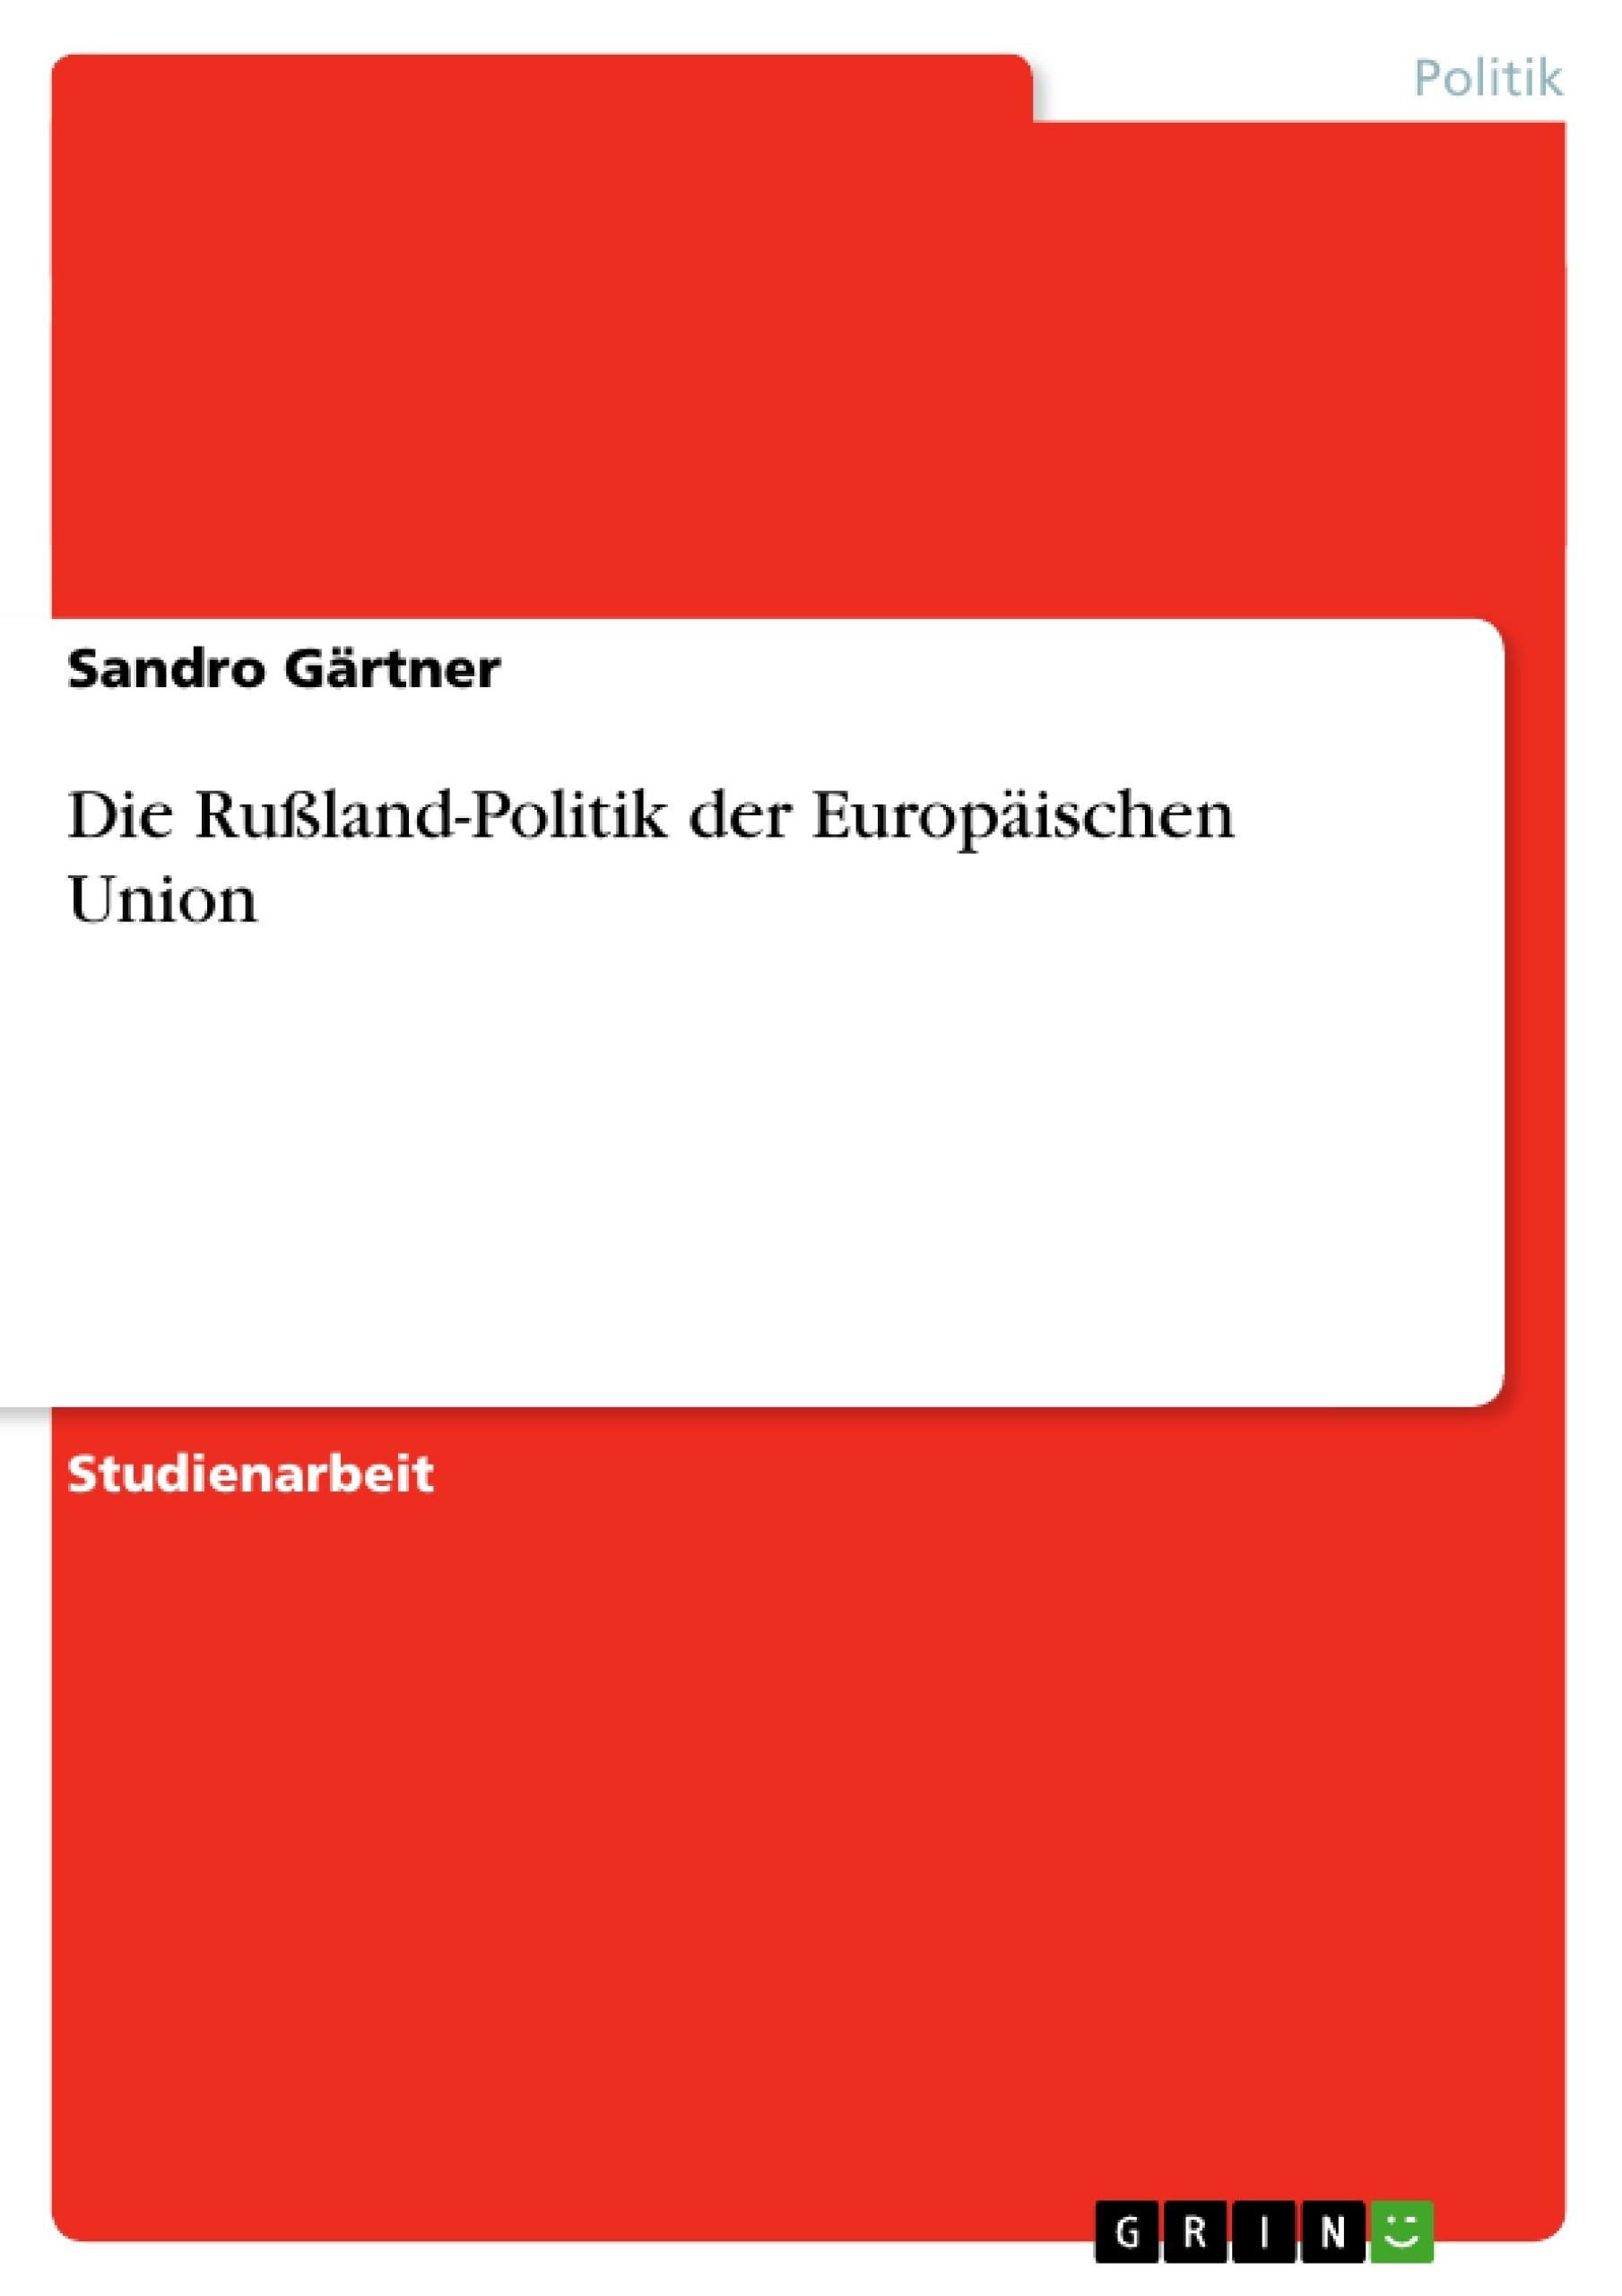 Titel: Die Rußland-Politik der Europäischen Union